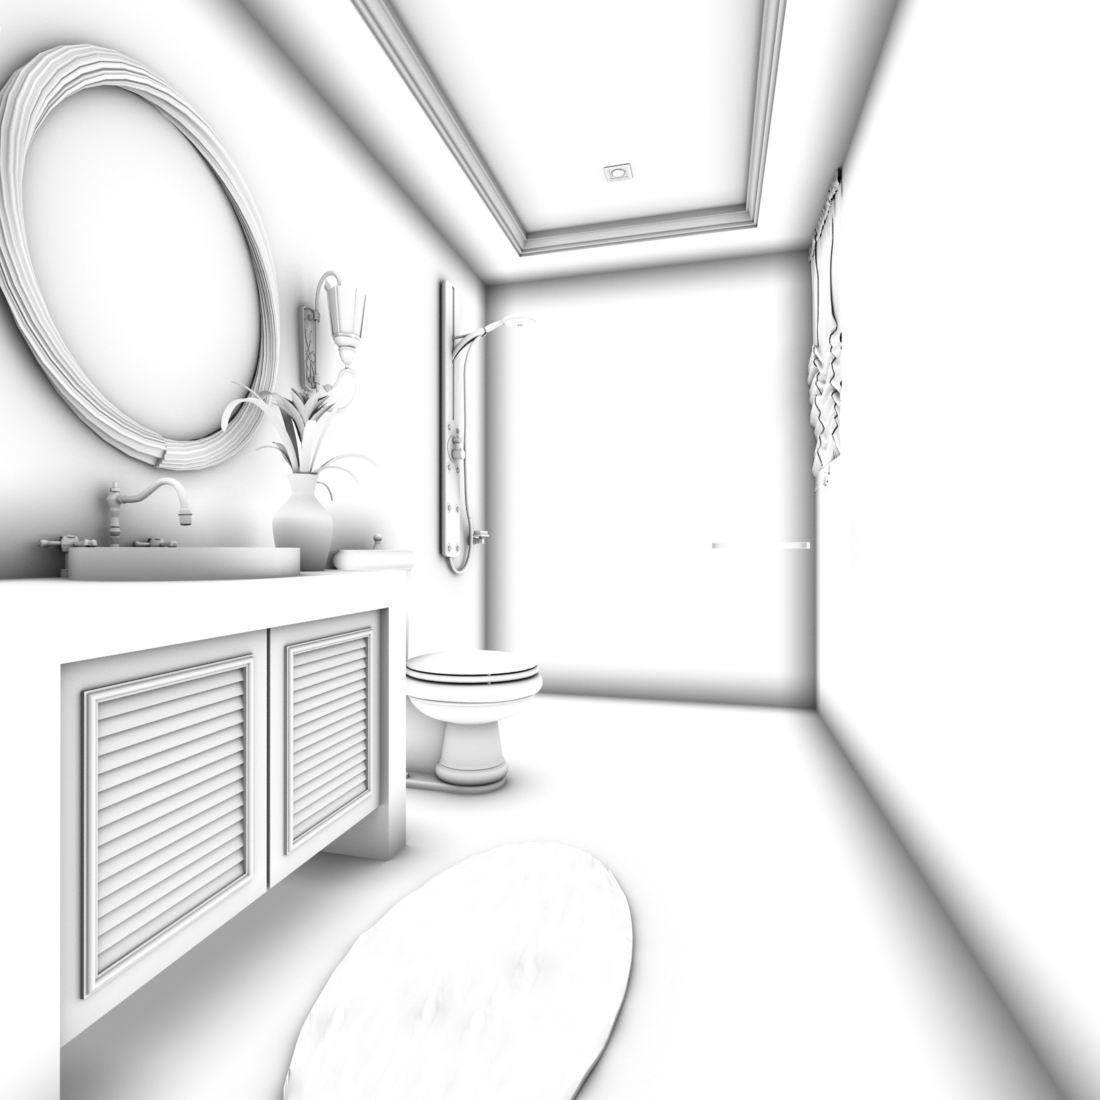 bathroom design complete model 65   CGTrader